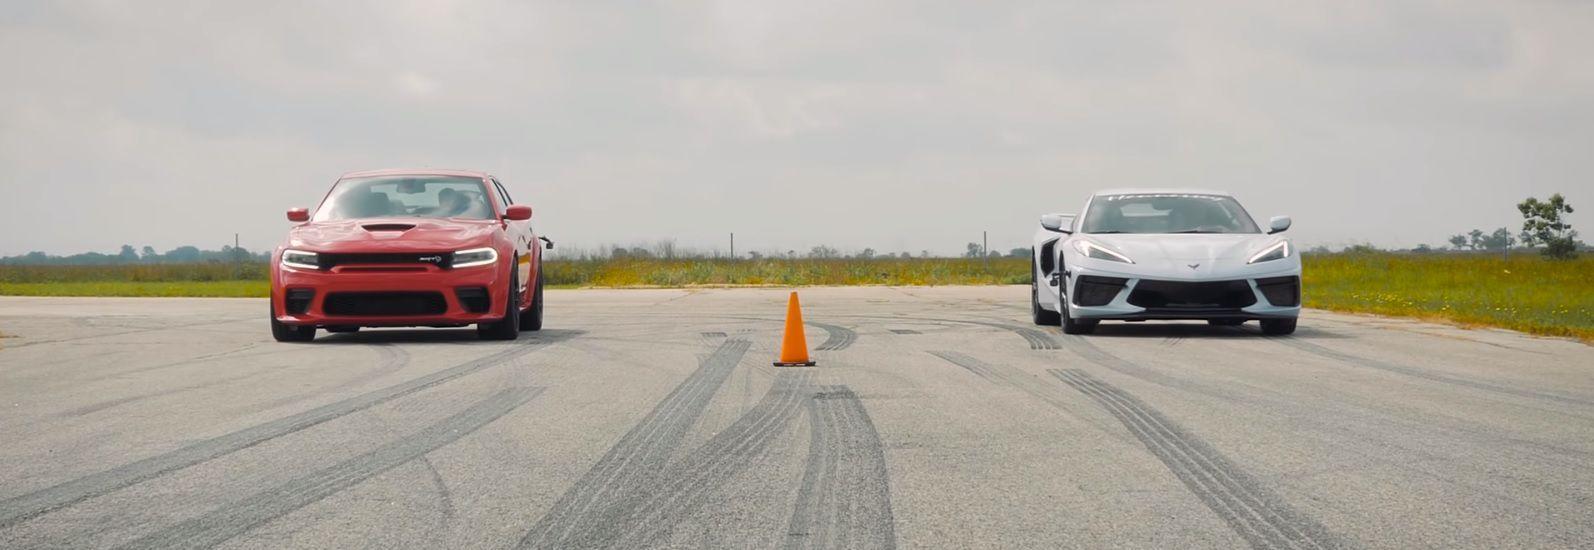 DT Corvette vs Charger Hellcat